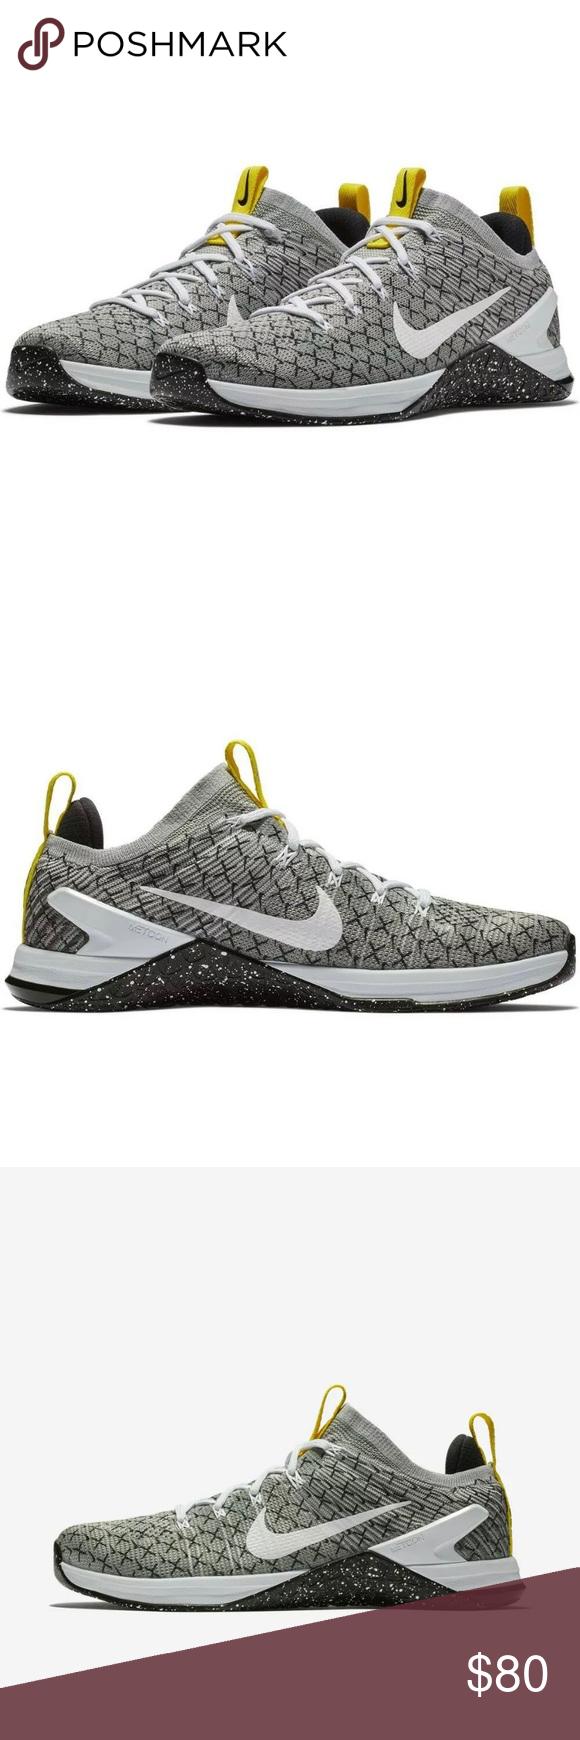 70ebfa4142bf Nike Metcon DSX Flyknit 2 X Men s Shoe Sz 11.5 Nike Metcon DSX Flyknit 2 X